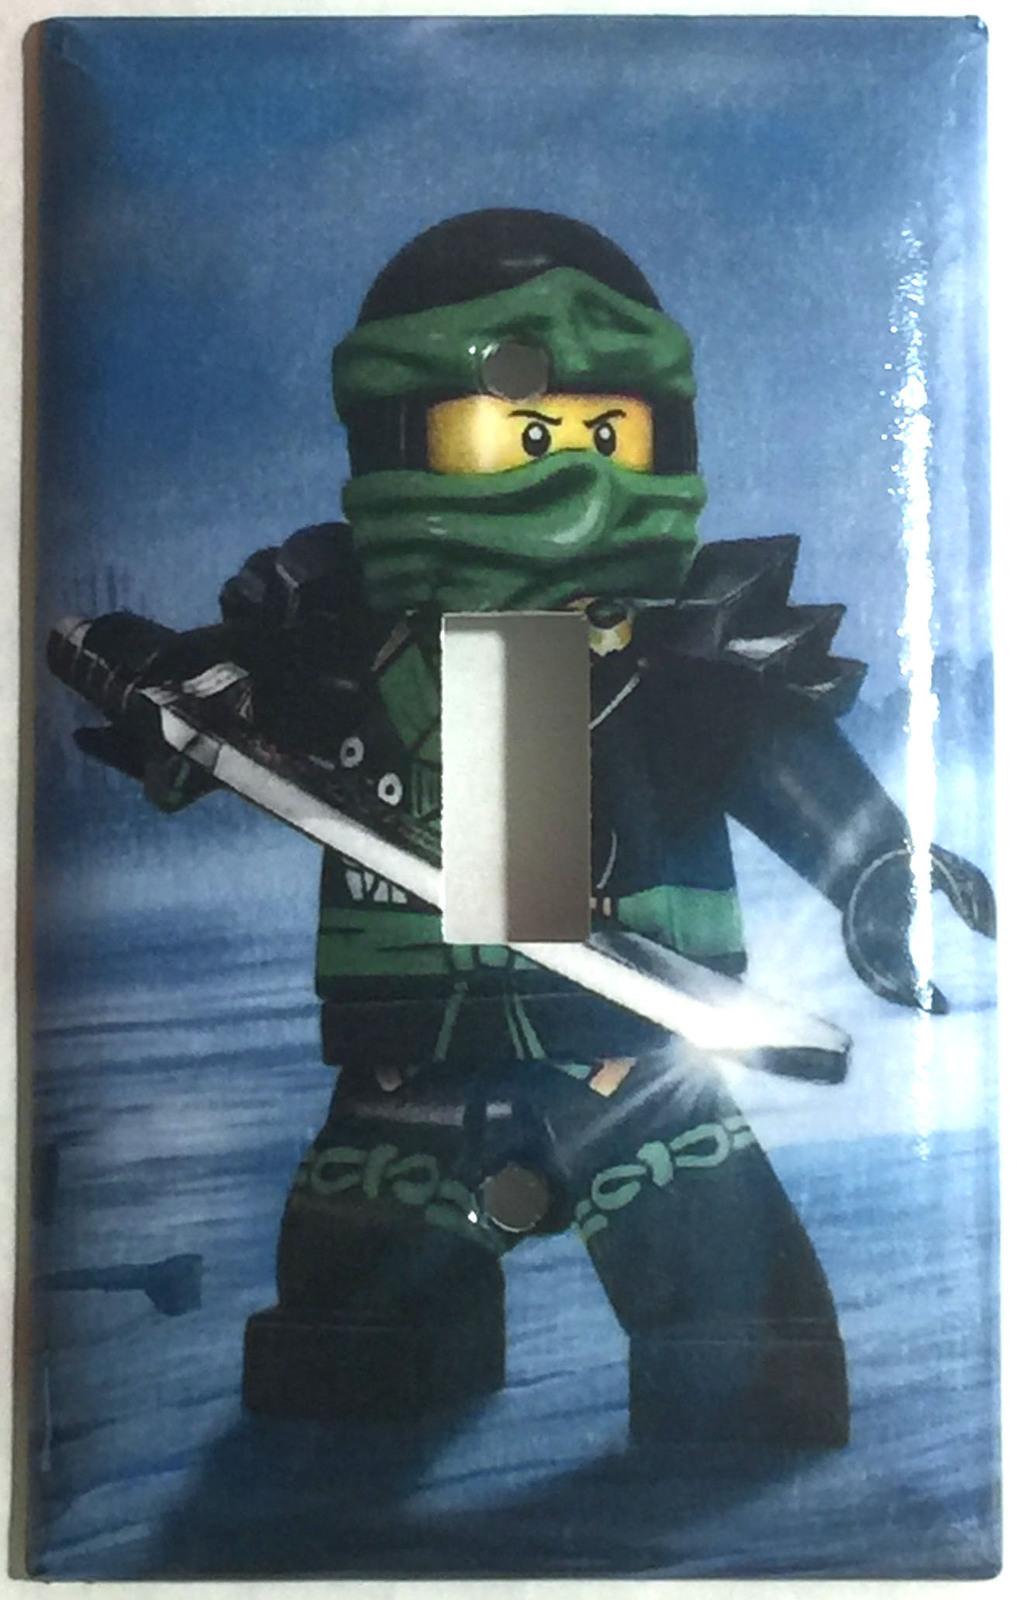 Lego ninji green single toggle